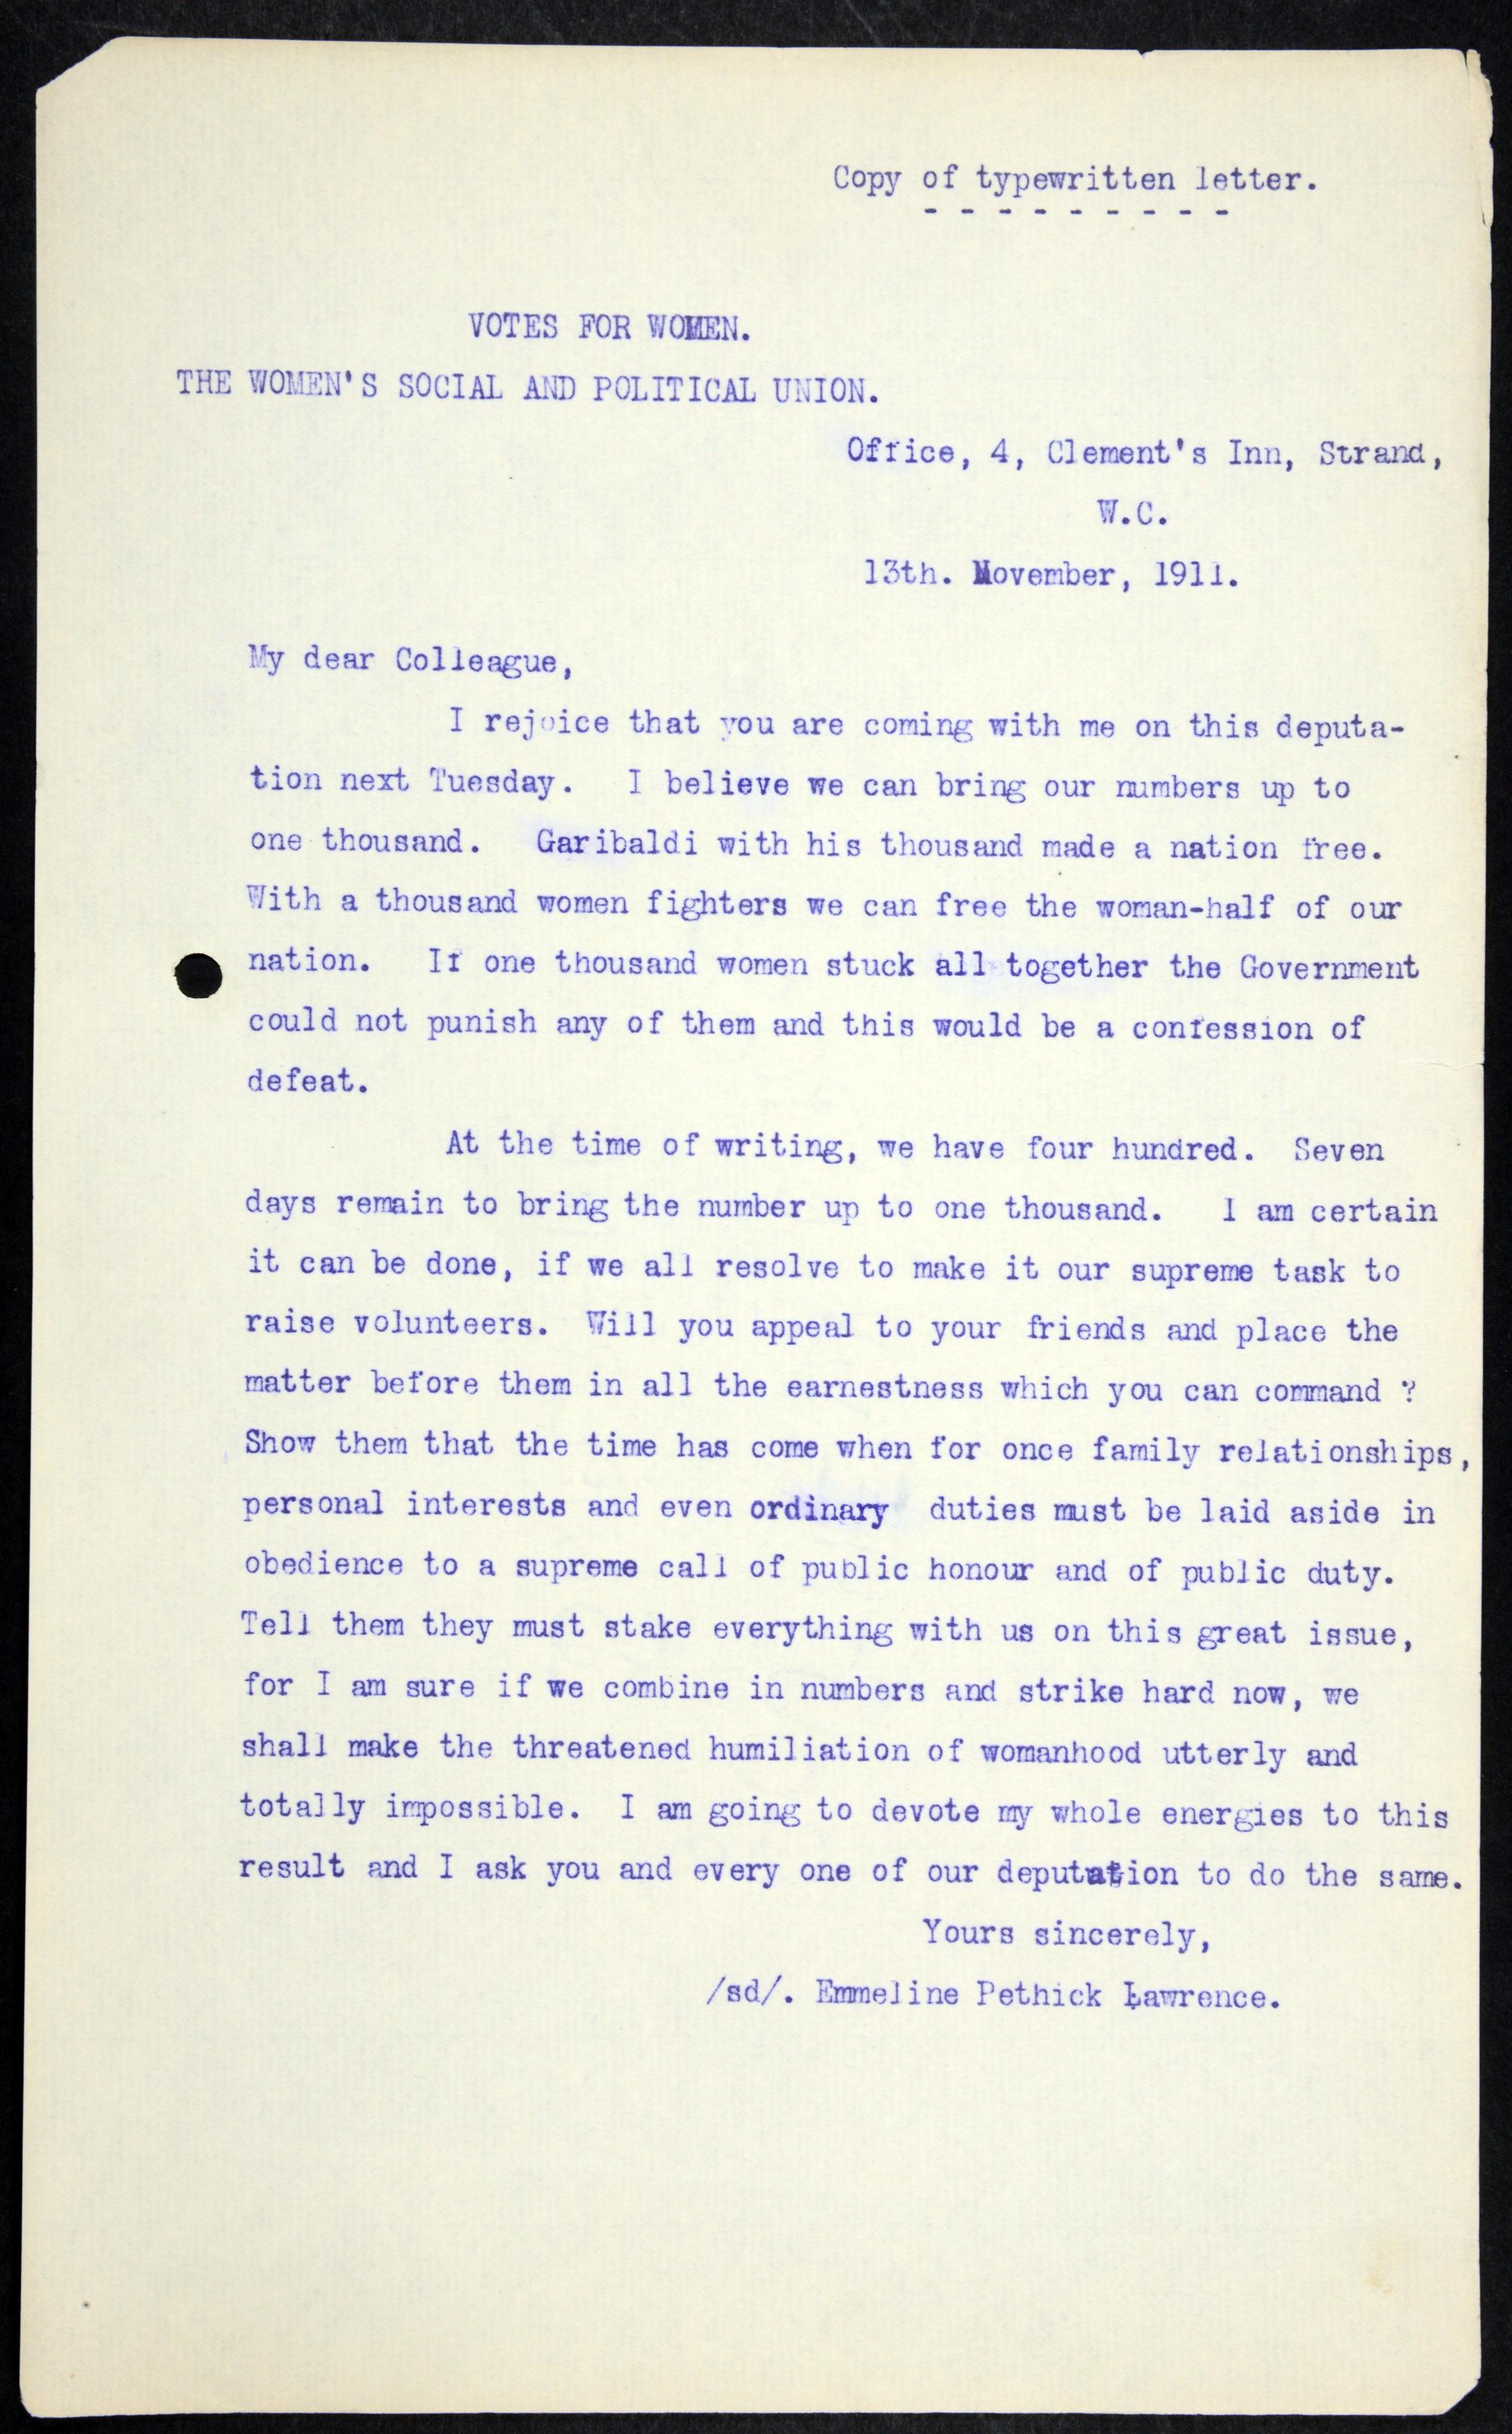 Suffragist disturbances 1911-1913. (HO144/1119/203651)